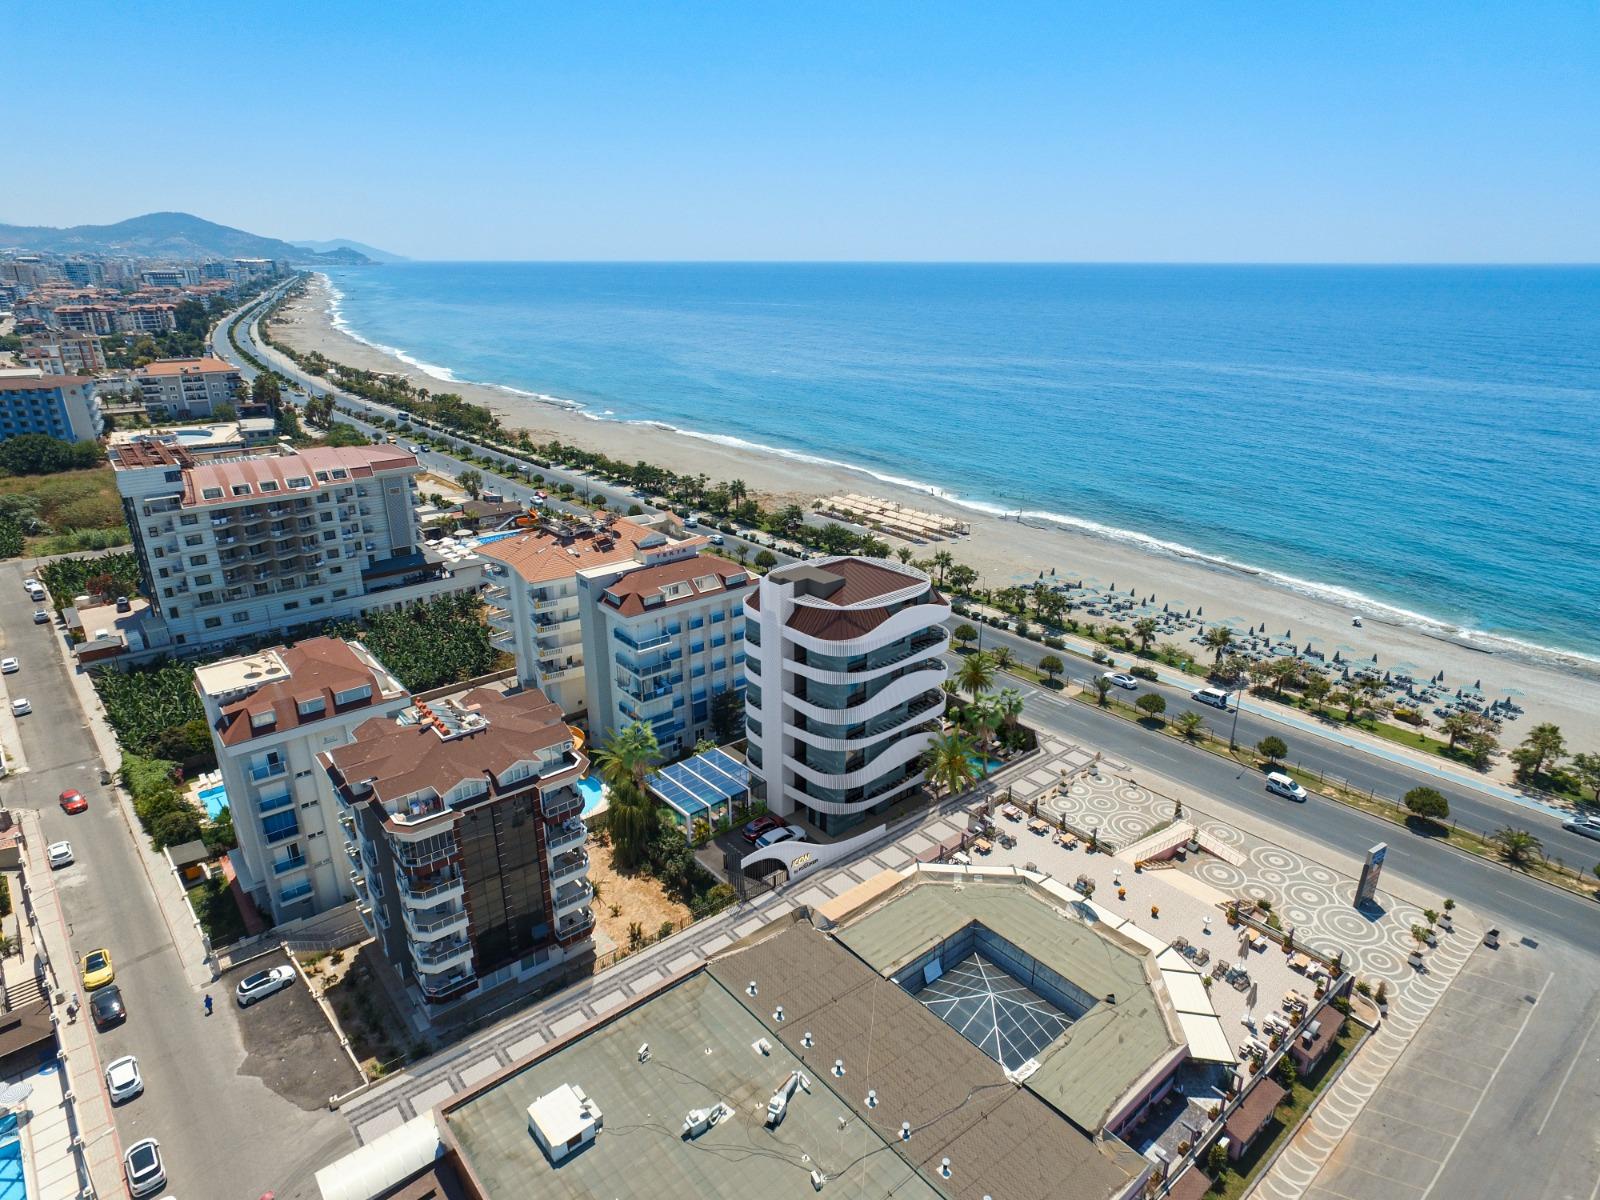 Роскошные квартиры с видом на Средиземное море в элитном районе - Фото 15